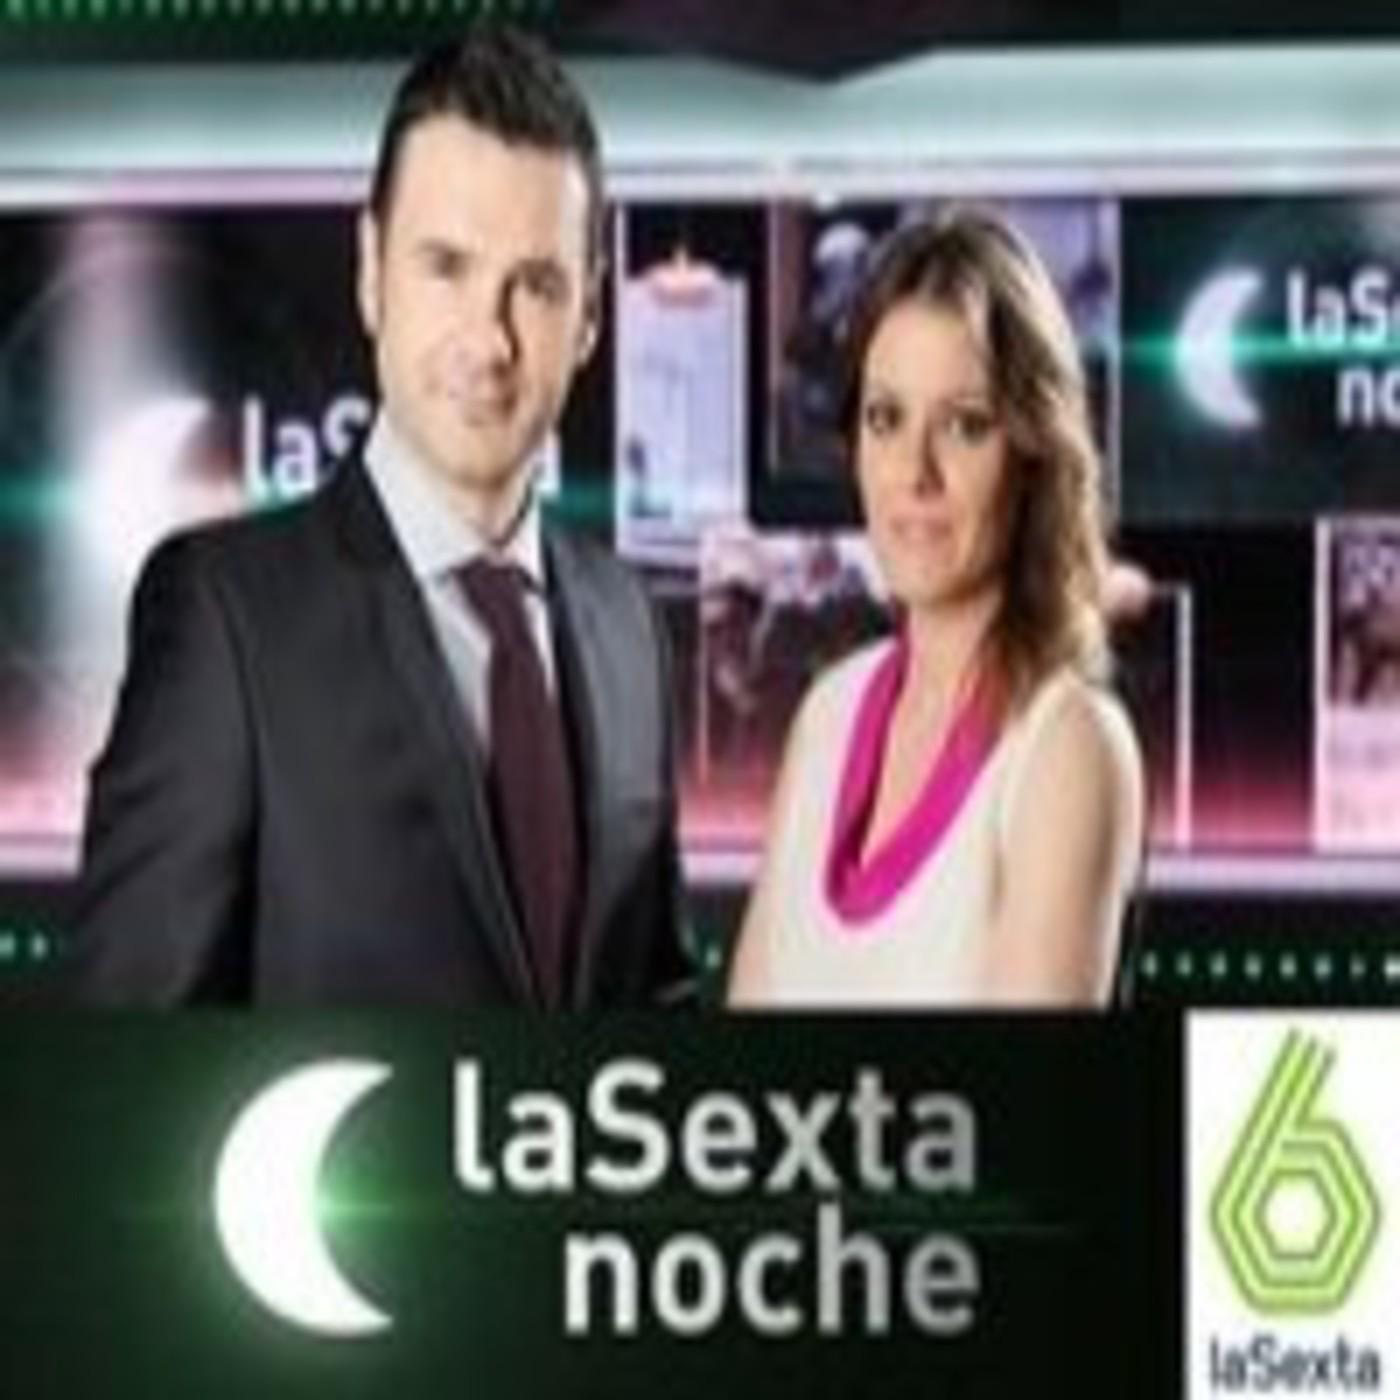 LA SEXTA NOCHE (25 Abril 2015)